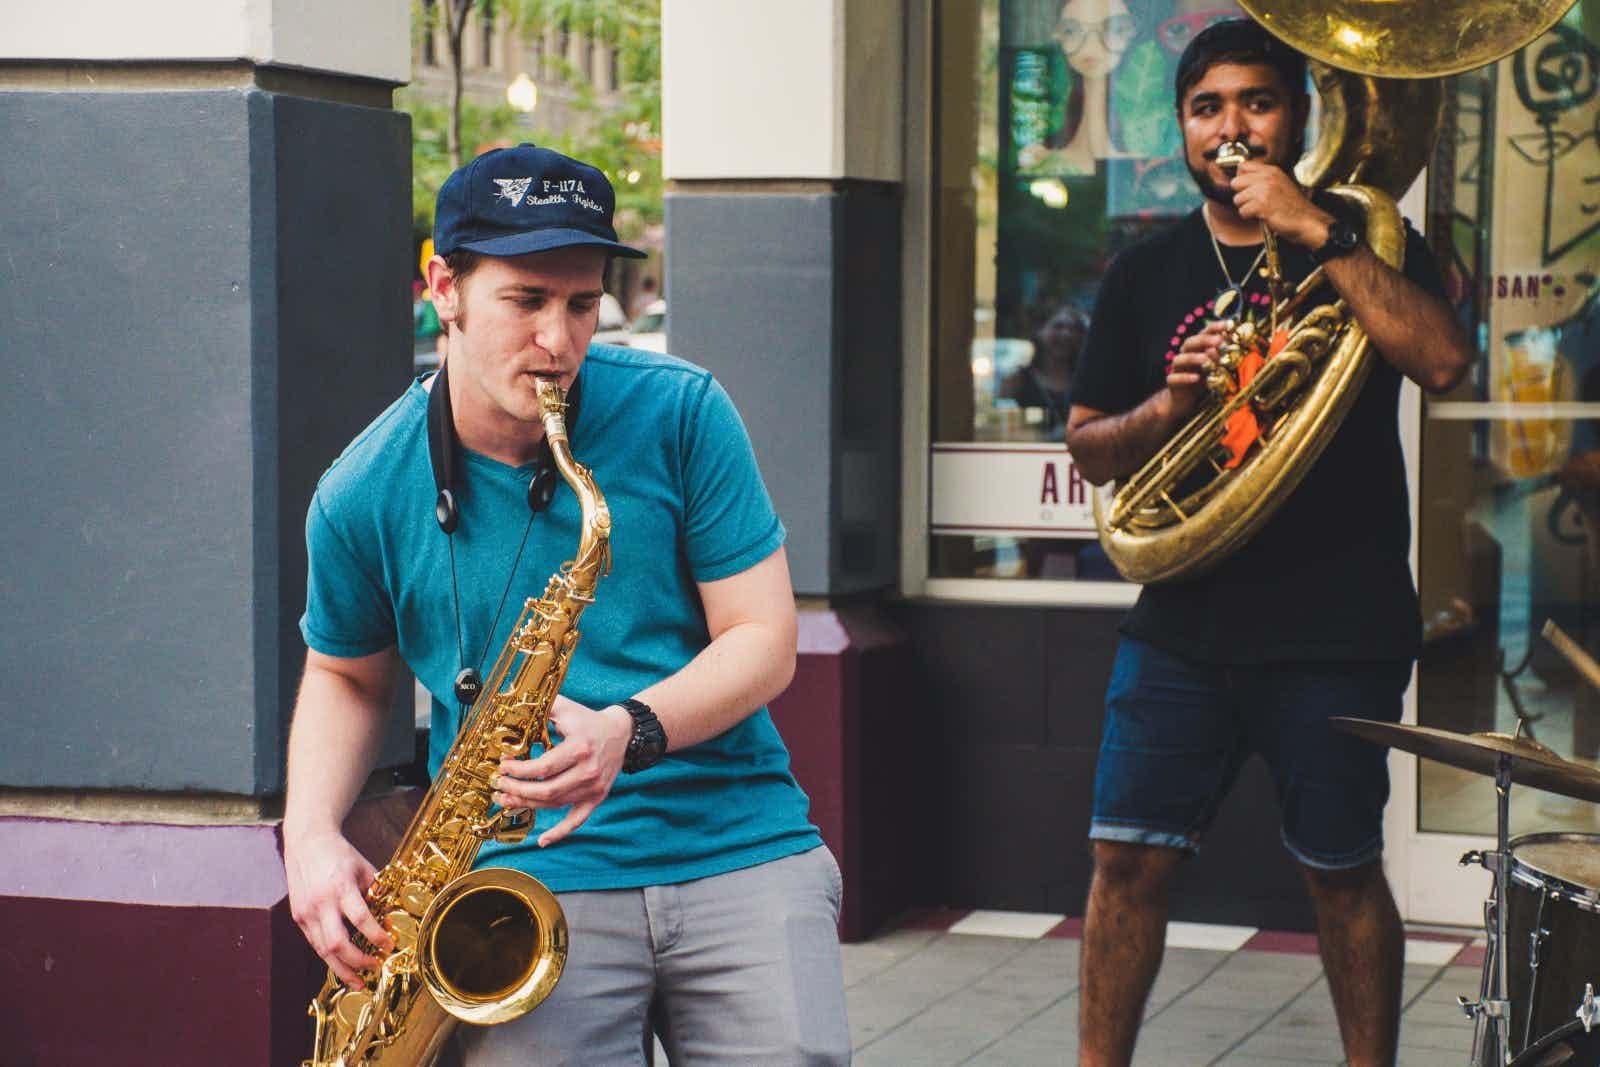 artist-band-brass